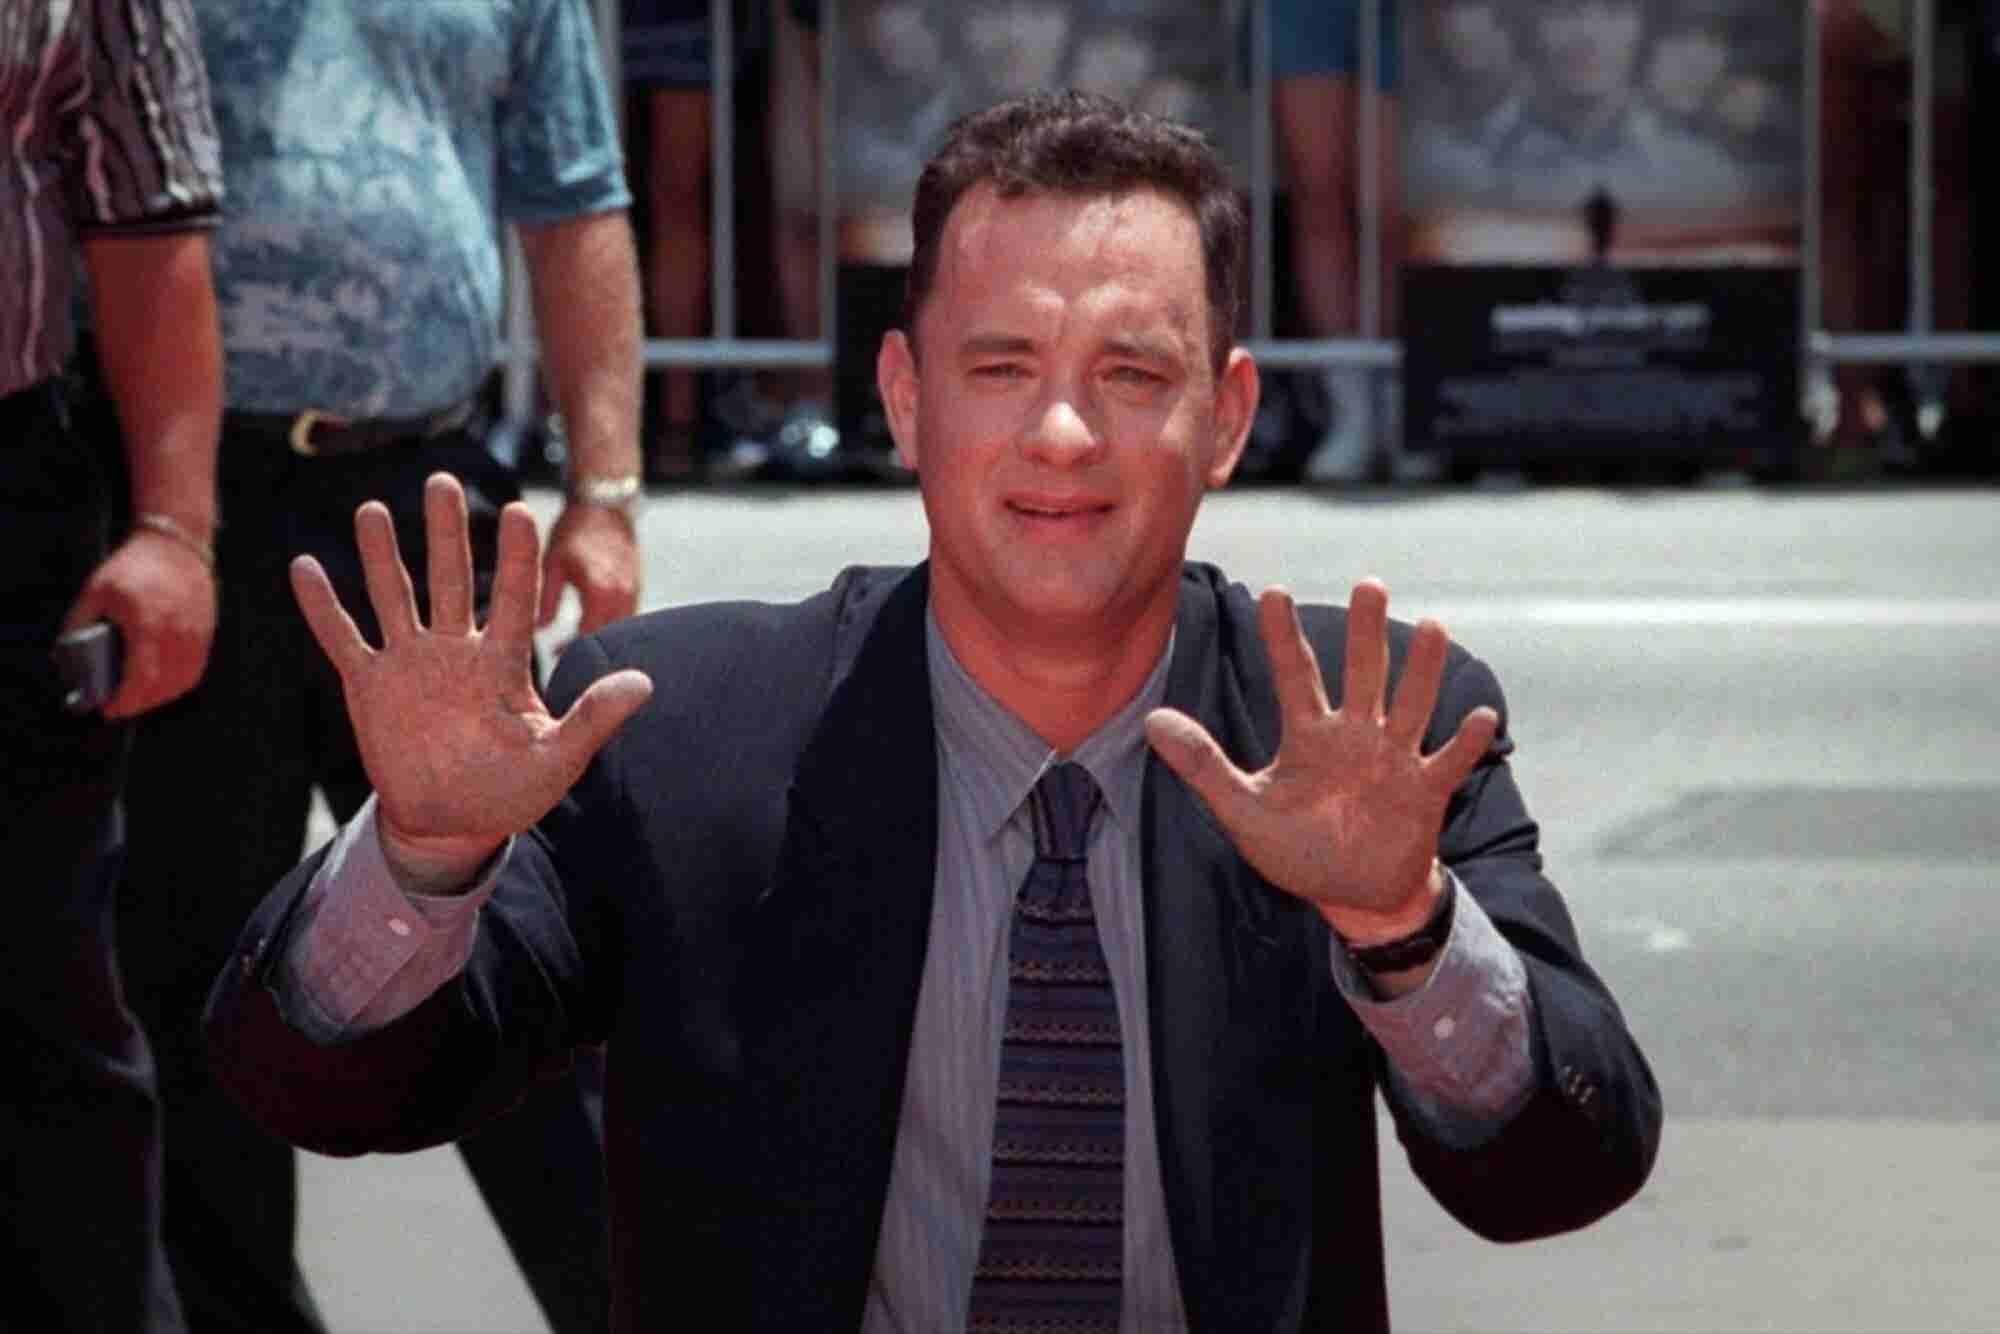 7 Lessons Entrepreneurs Can Learn From Tom Hanks